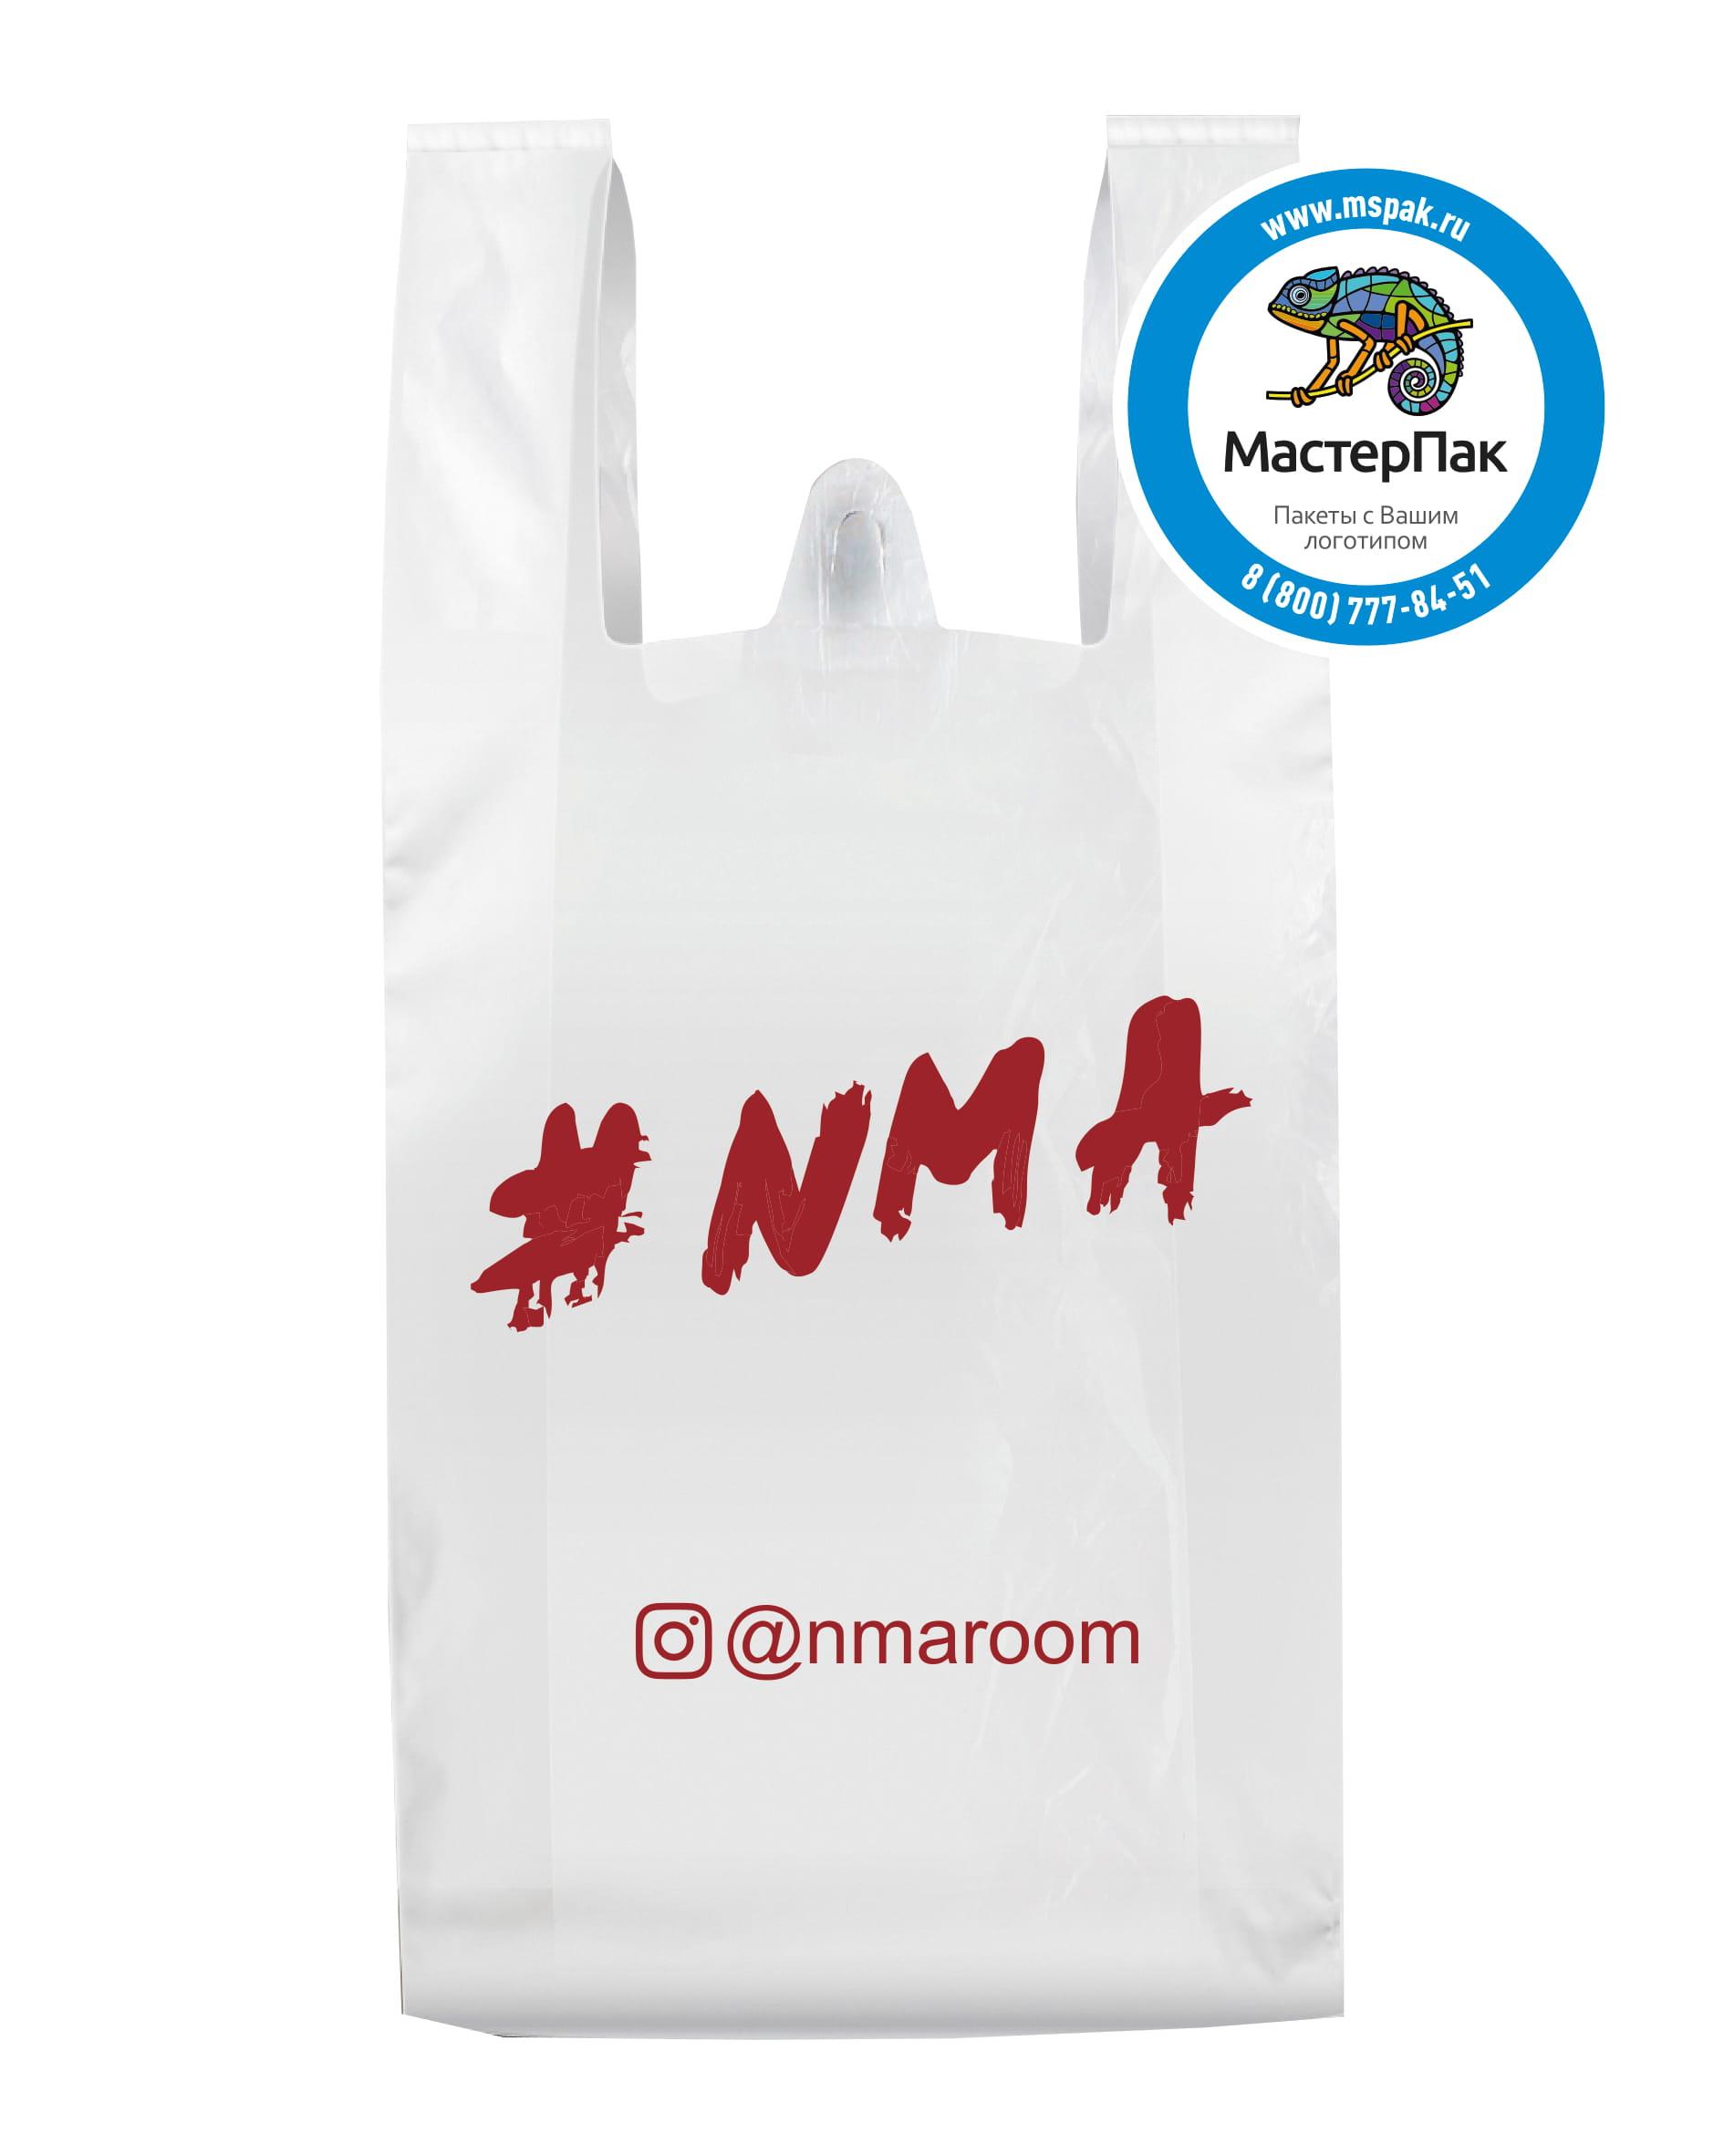 Пакет-майка ПНД с логотипом #NMA, 23 мкм, 40*60, Москва